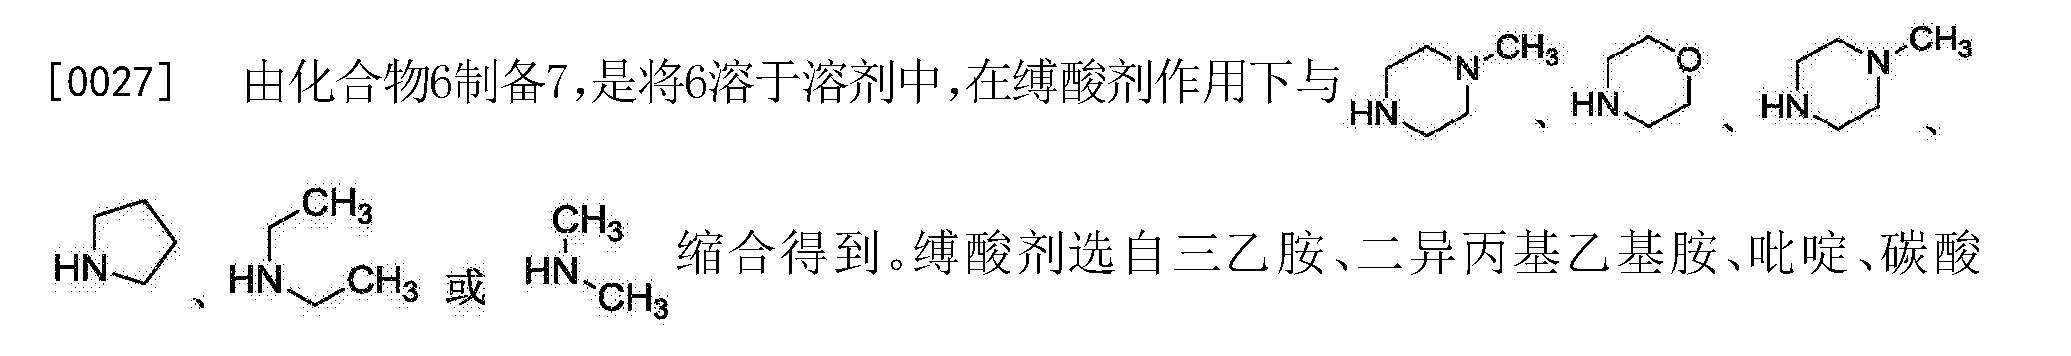 Figure CN104817519BD00052